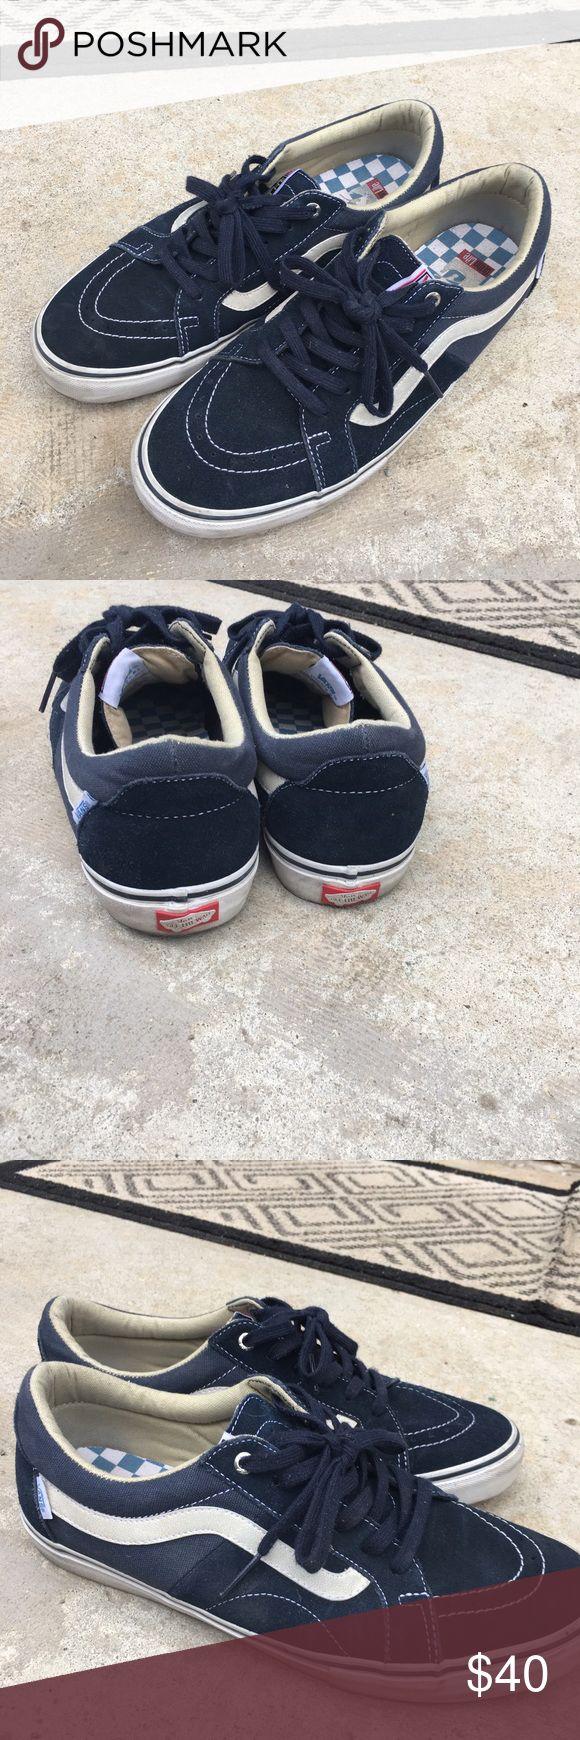 Vans Sk8 low 11.5 pre owned asking $40.00 Blue Vans SK8 lows blue pre owned and asking $40.00 Vans Shoes Athletic Shoes